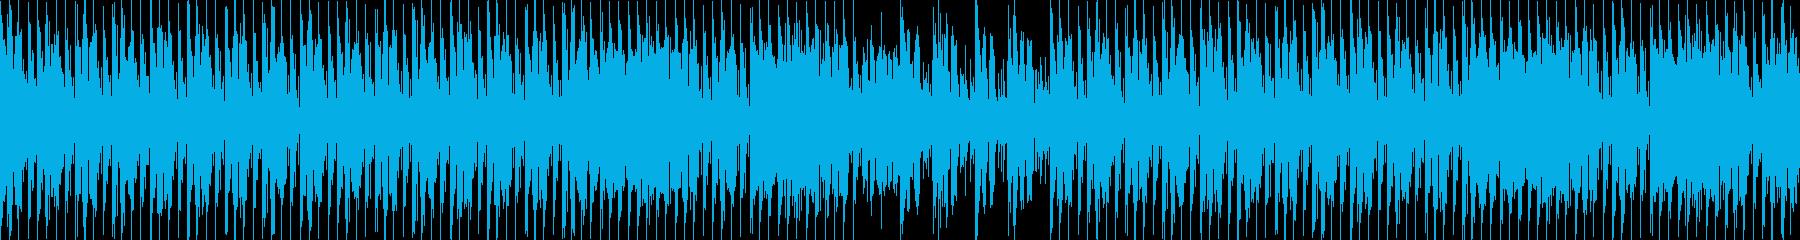 いかにもニュースっぽい4つ打ちポップスの再生済みの波形